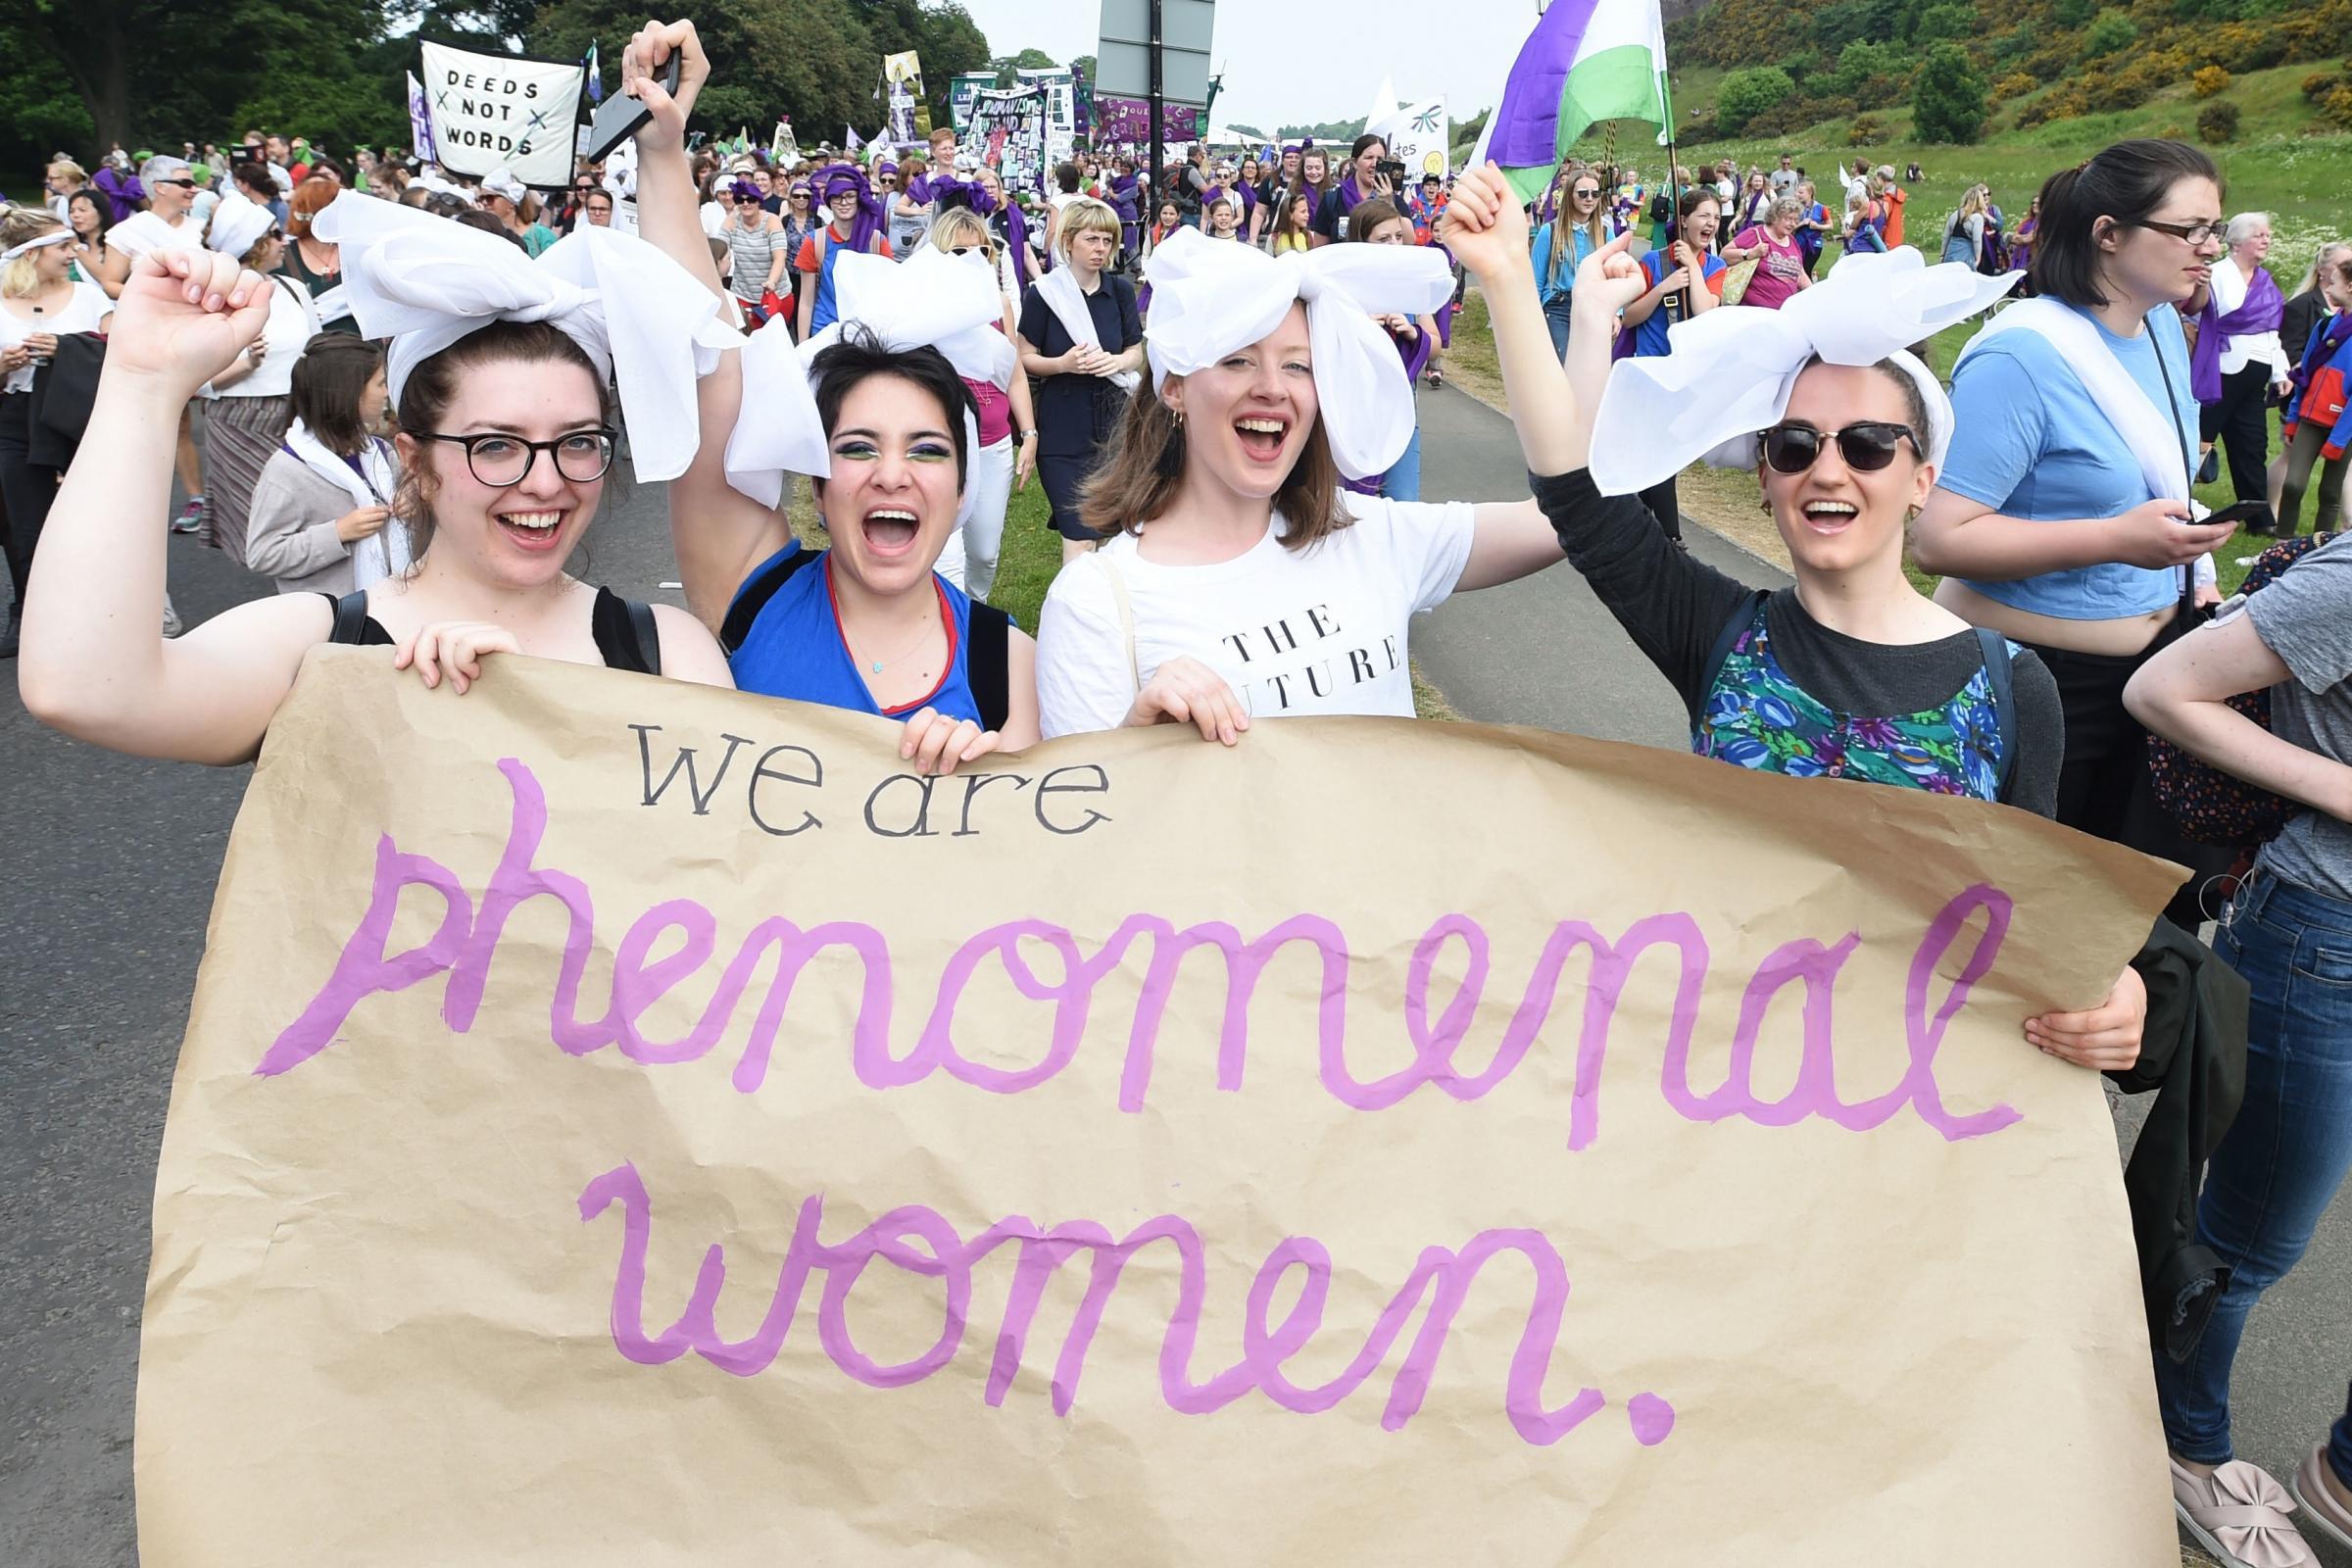 Bournemouth women